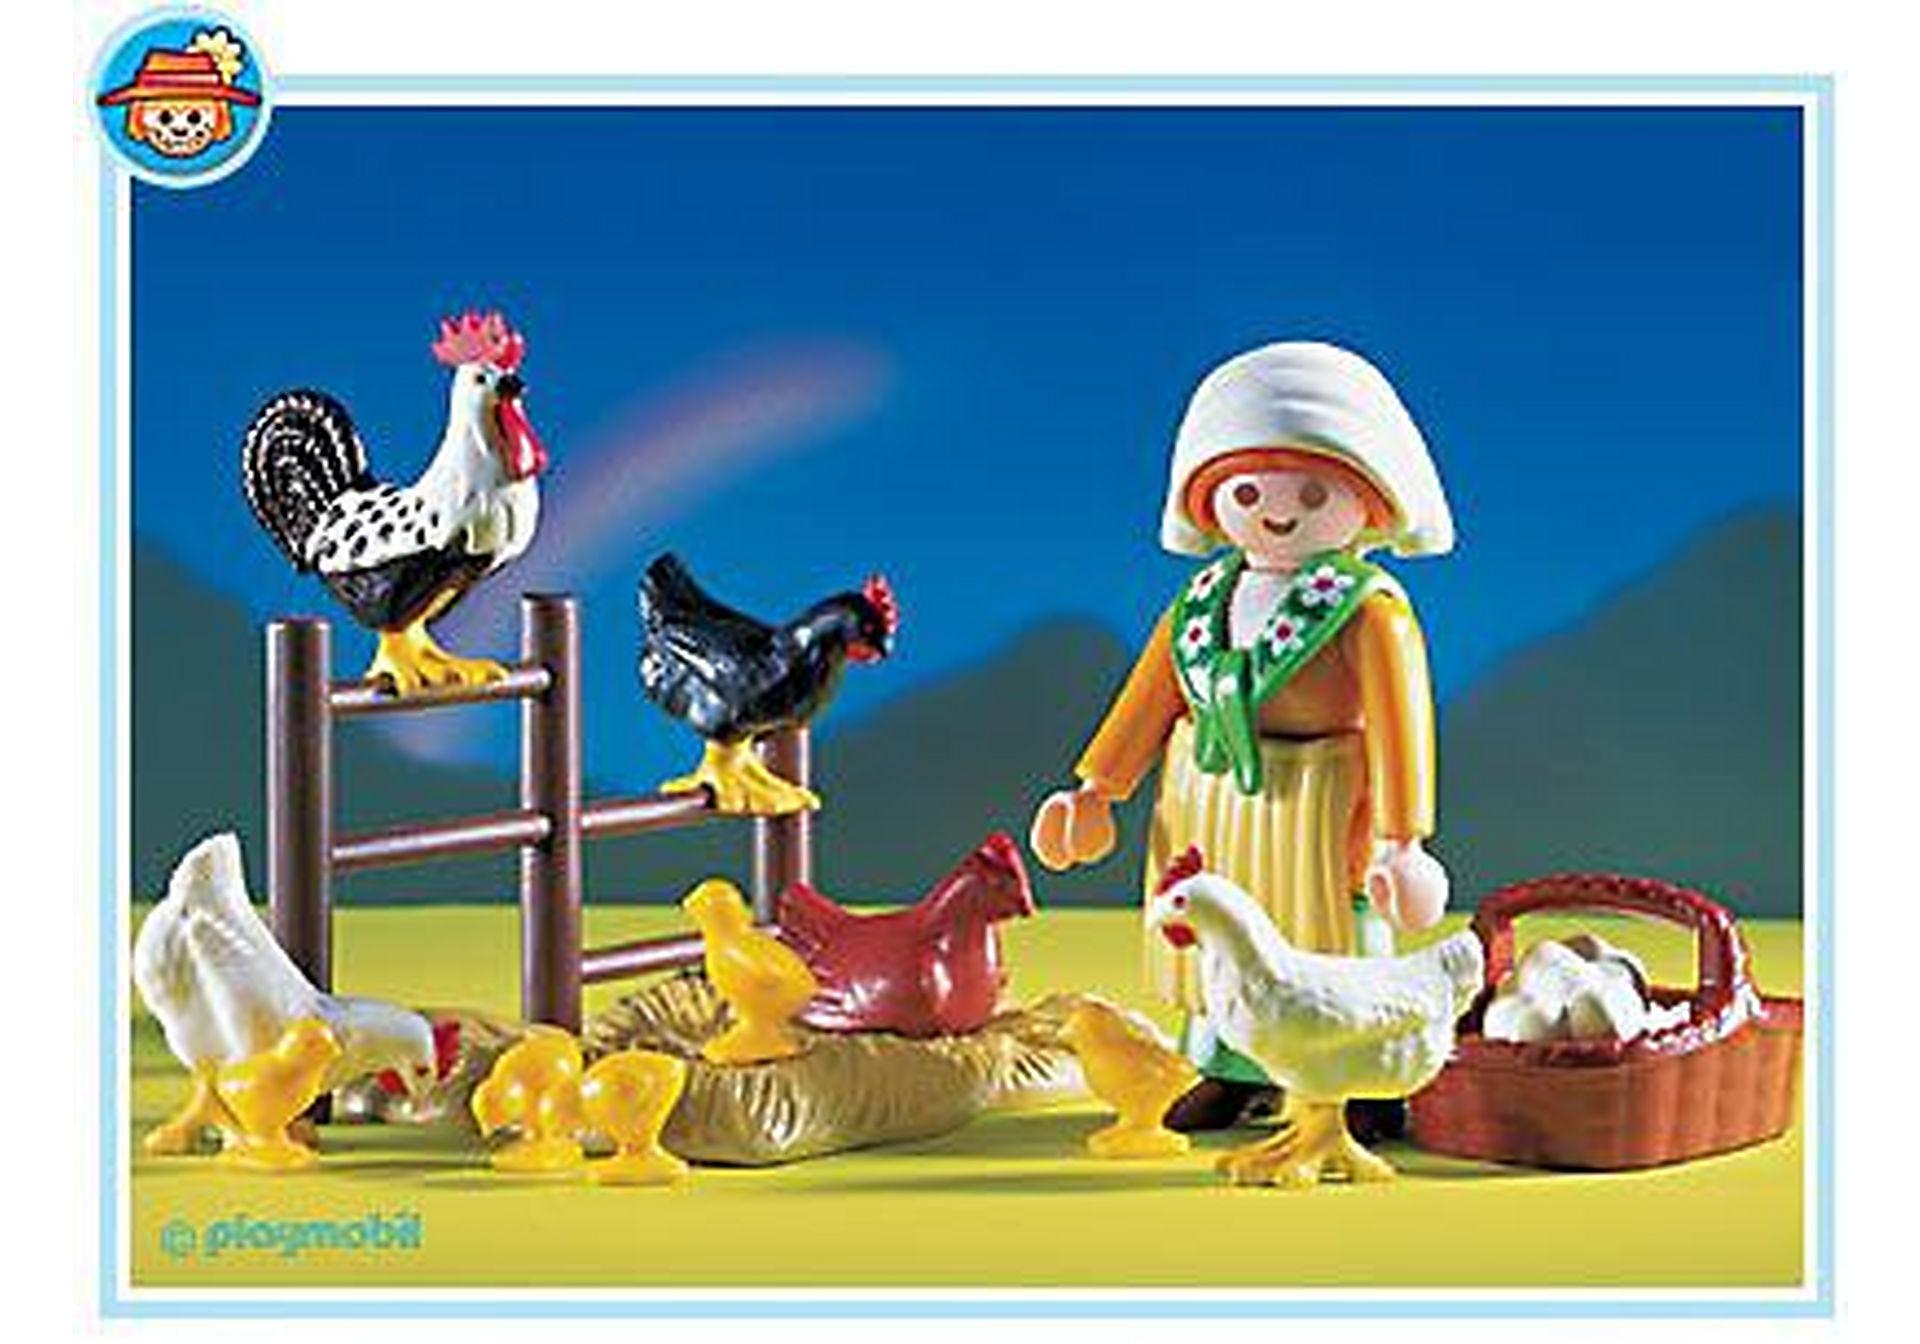 3076-A Bäuerin / Hühnerschar zoom image1